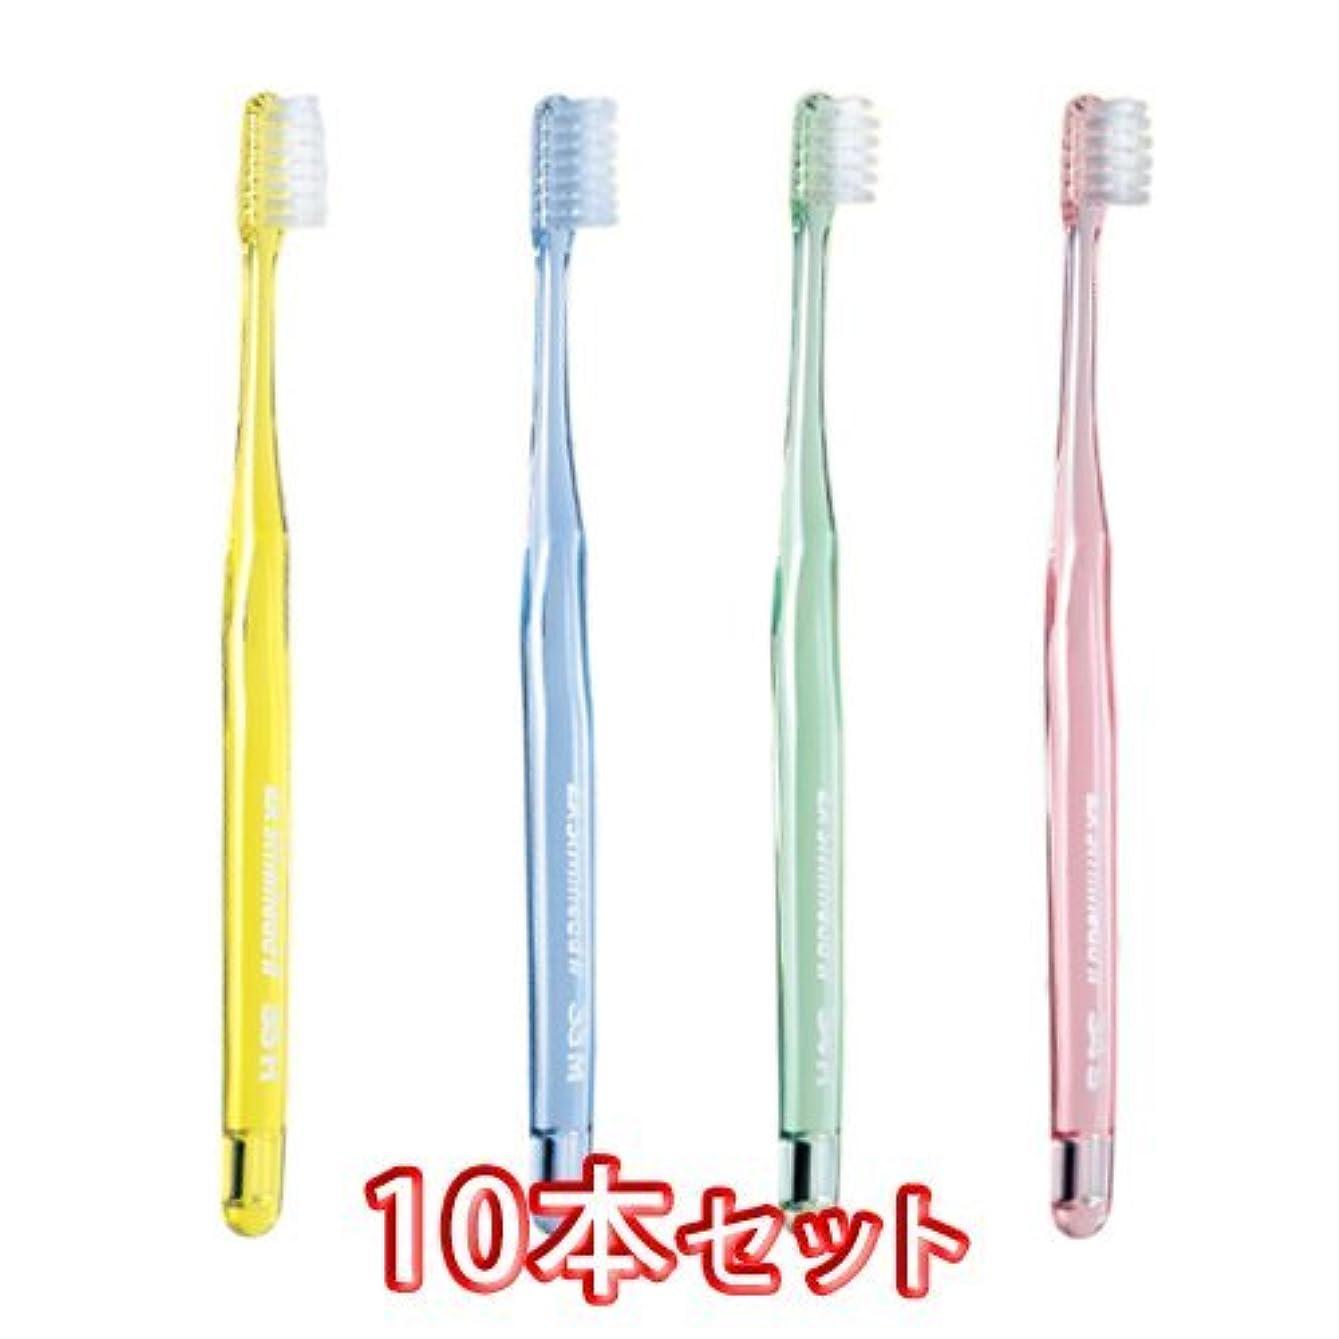 緩やかなビン販売員ライオン スリムヘッド2 歯ブラシ 10本セット (33M)